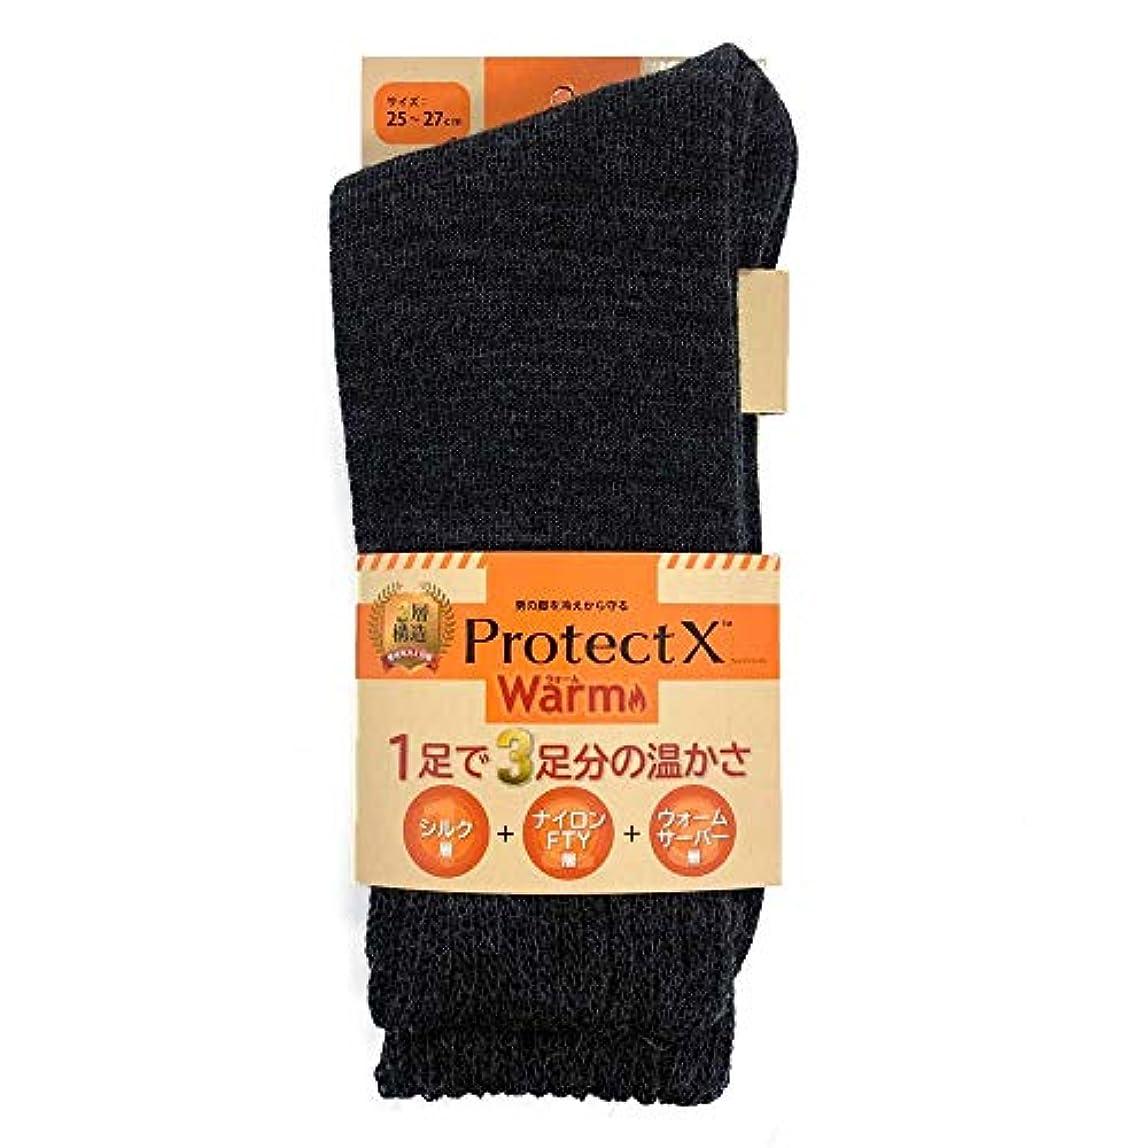 名門不信してはいけない冷え性対策 履き口柔らか 男性用冷え対策 シルク100%(内側) 3層構造 防寒ソックス 25-27cm チャコールグレー